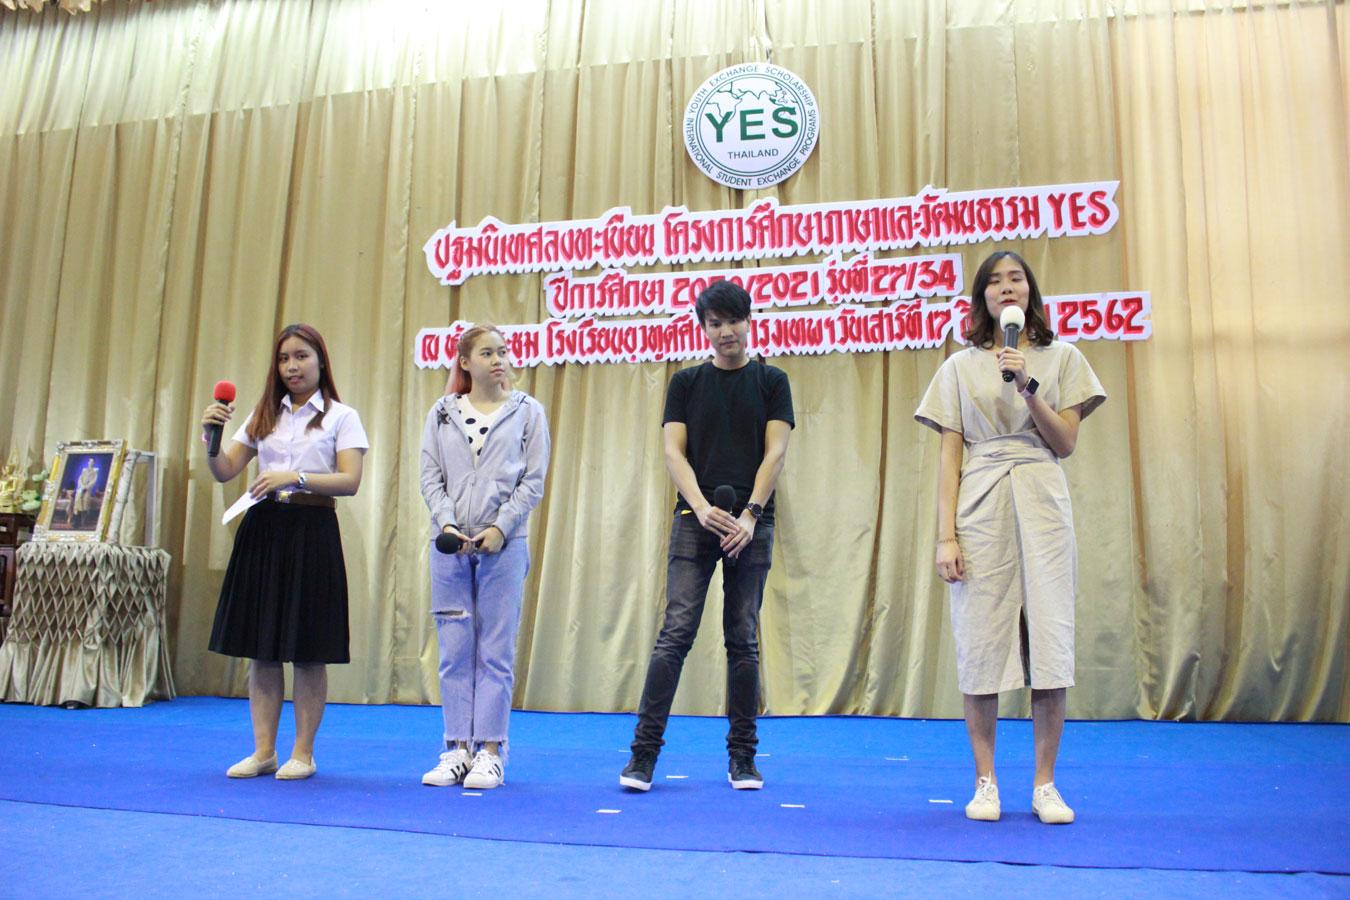 ประมวลภาพกิจกรรมปฐมนิเทศโครงการนักเรียนแลกเปลี่ยน YES รุ่น 34